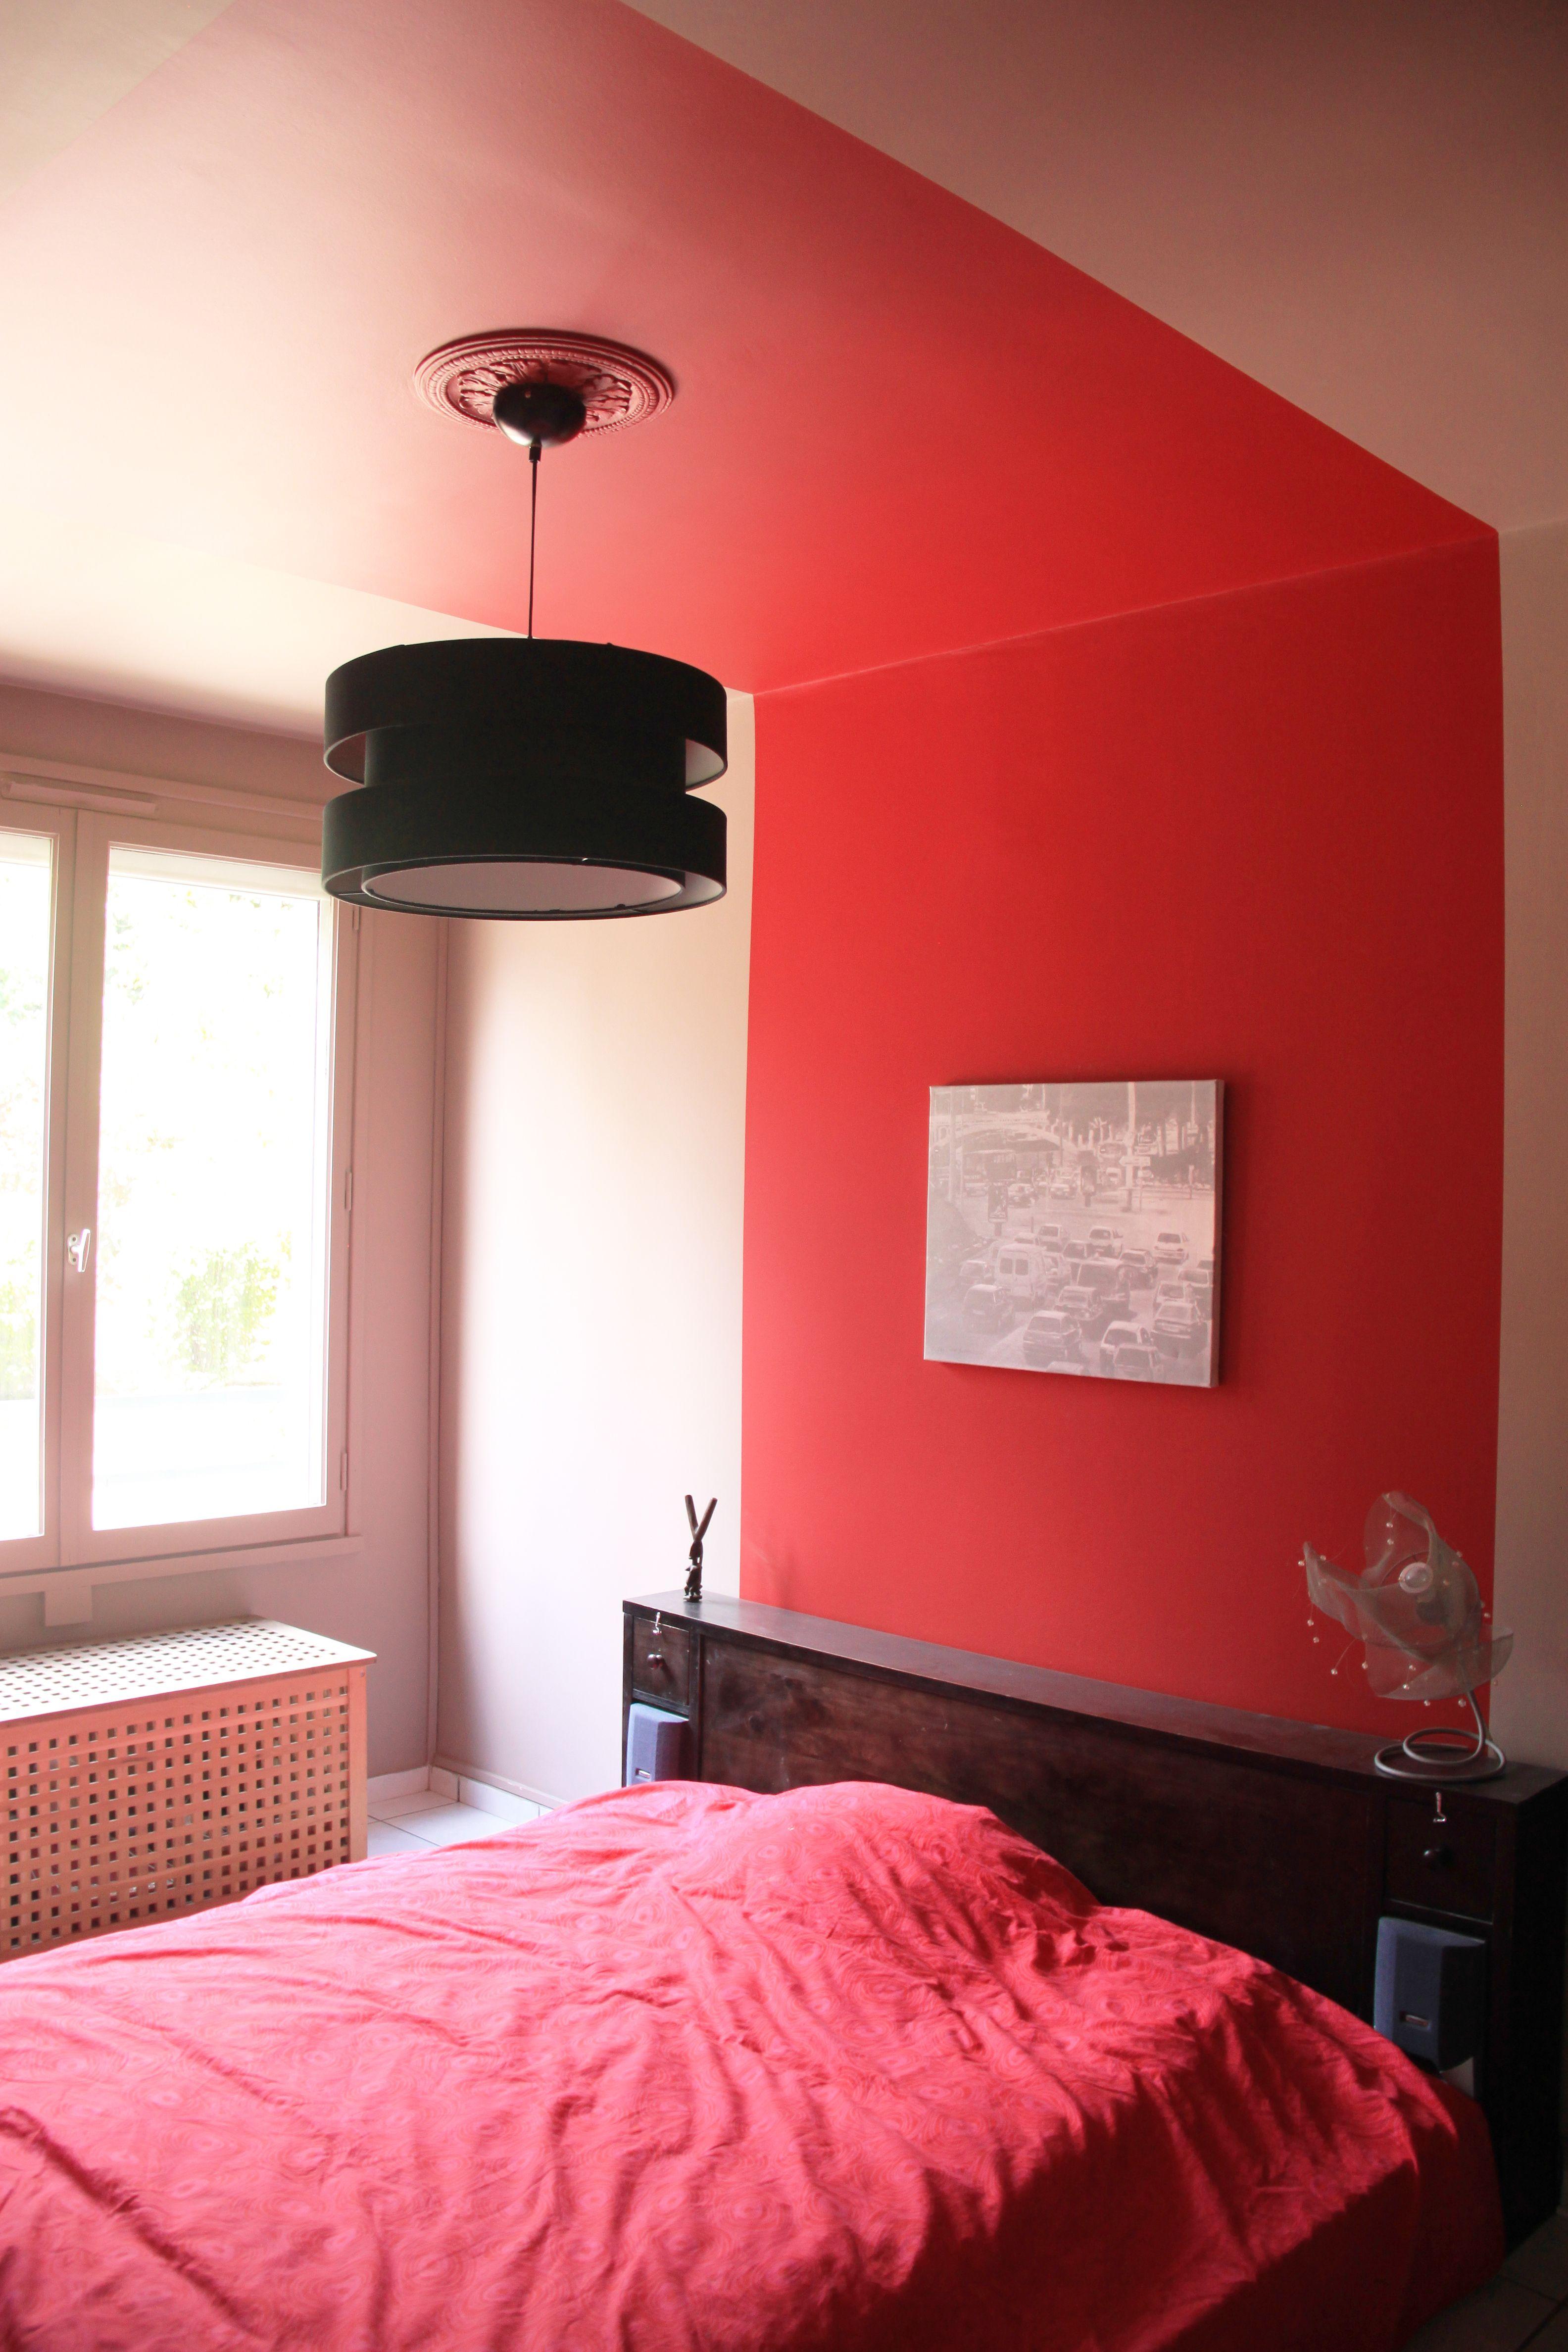 Peinture rouge corail effet baldaquin dans une chambre ...